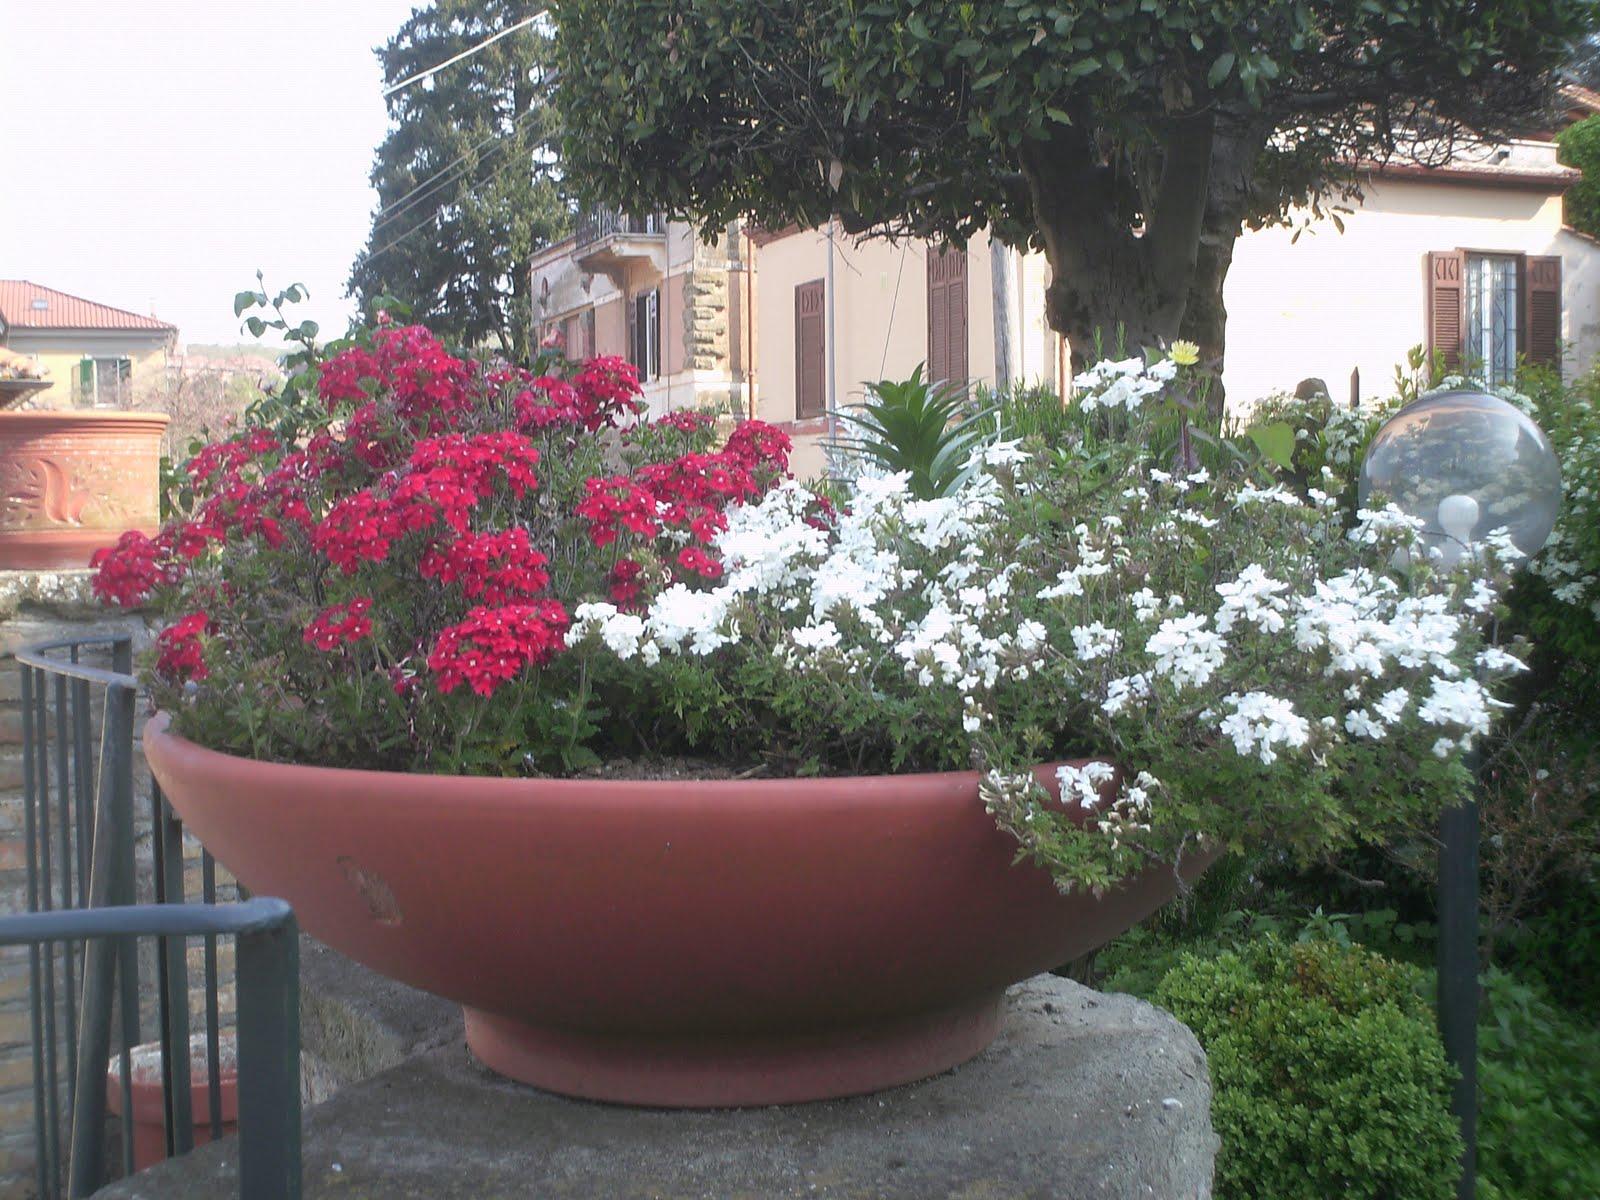 Fiori piante e giardini del mondo verbena - Giardini e fiori ...